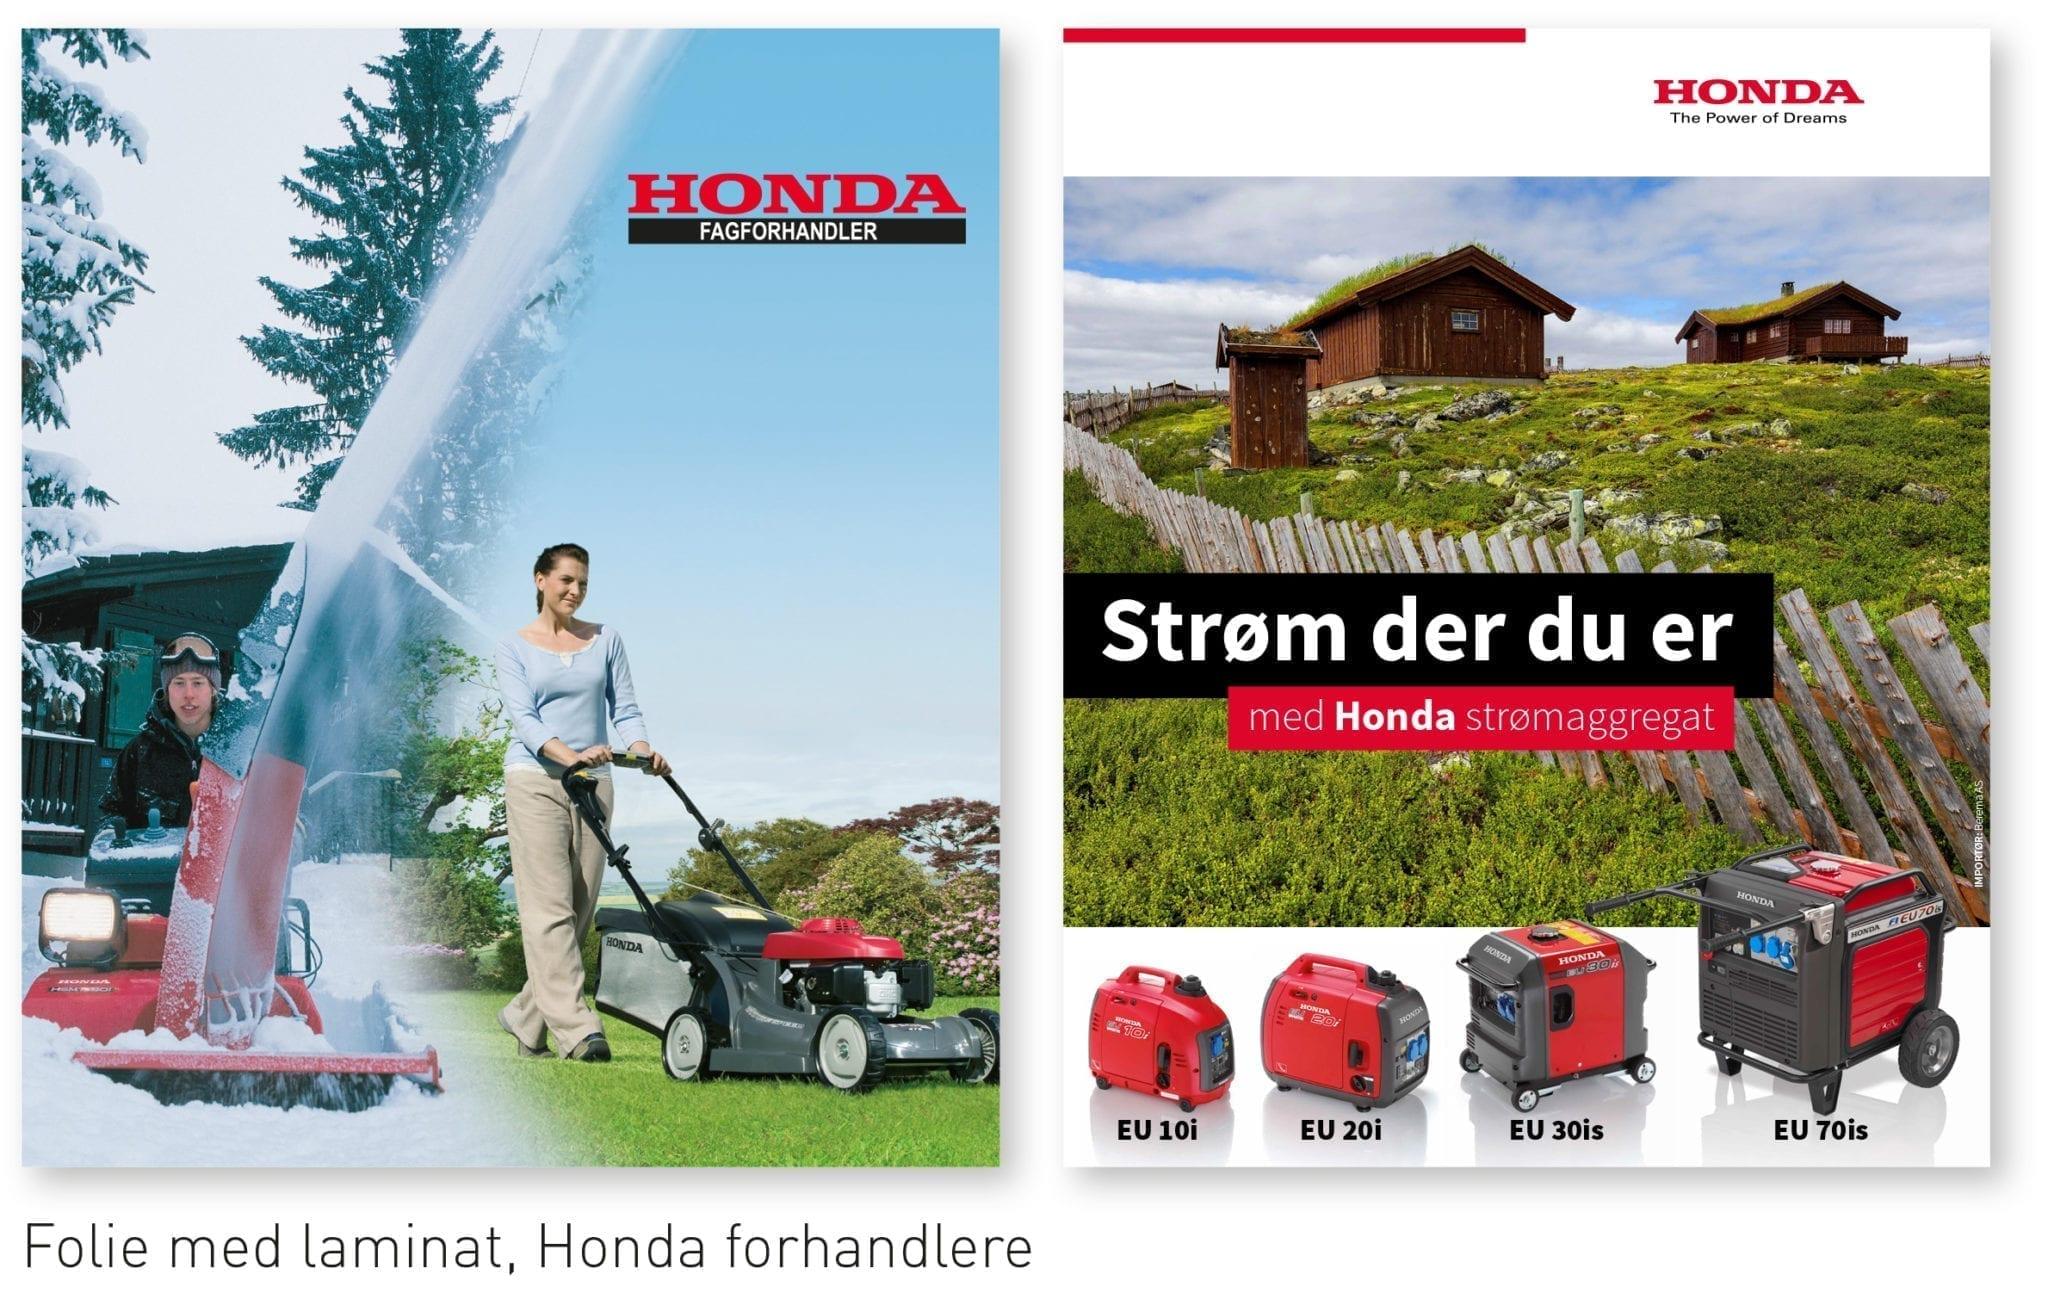 Honda vindusdekor - Allprofil AS - Trykksaker - Profilering - Klær - Digital skilting - Tjenester - Kontakt